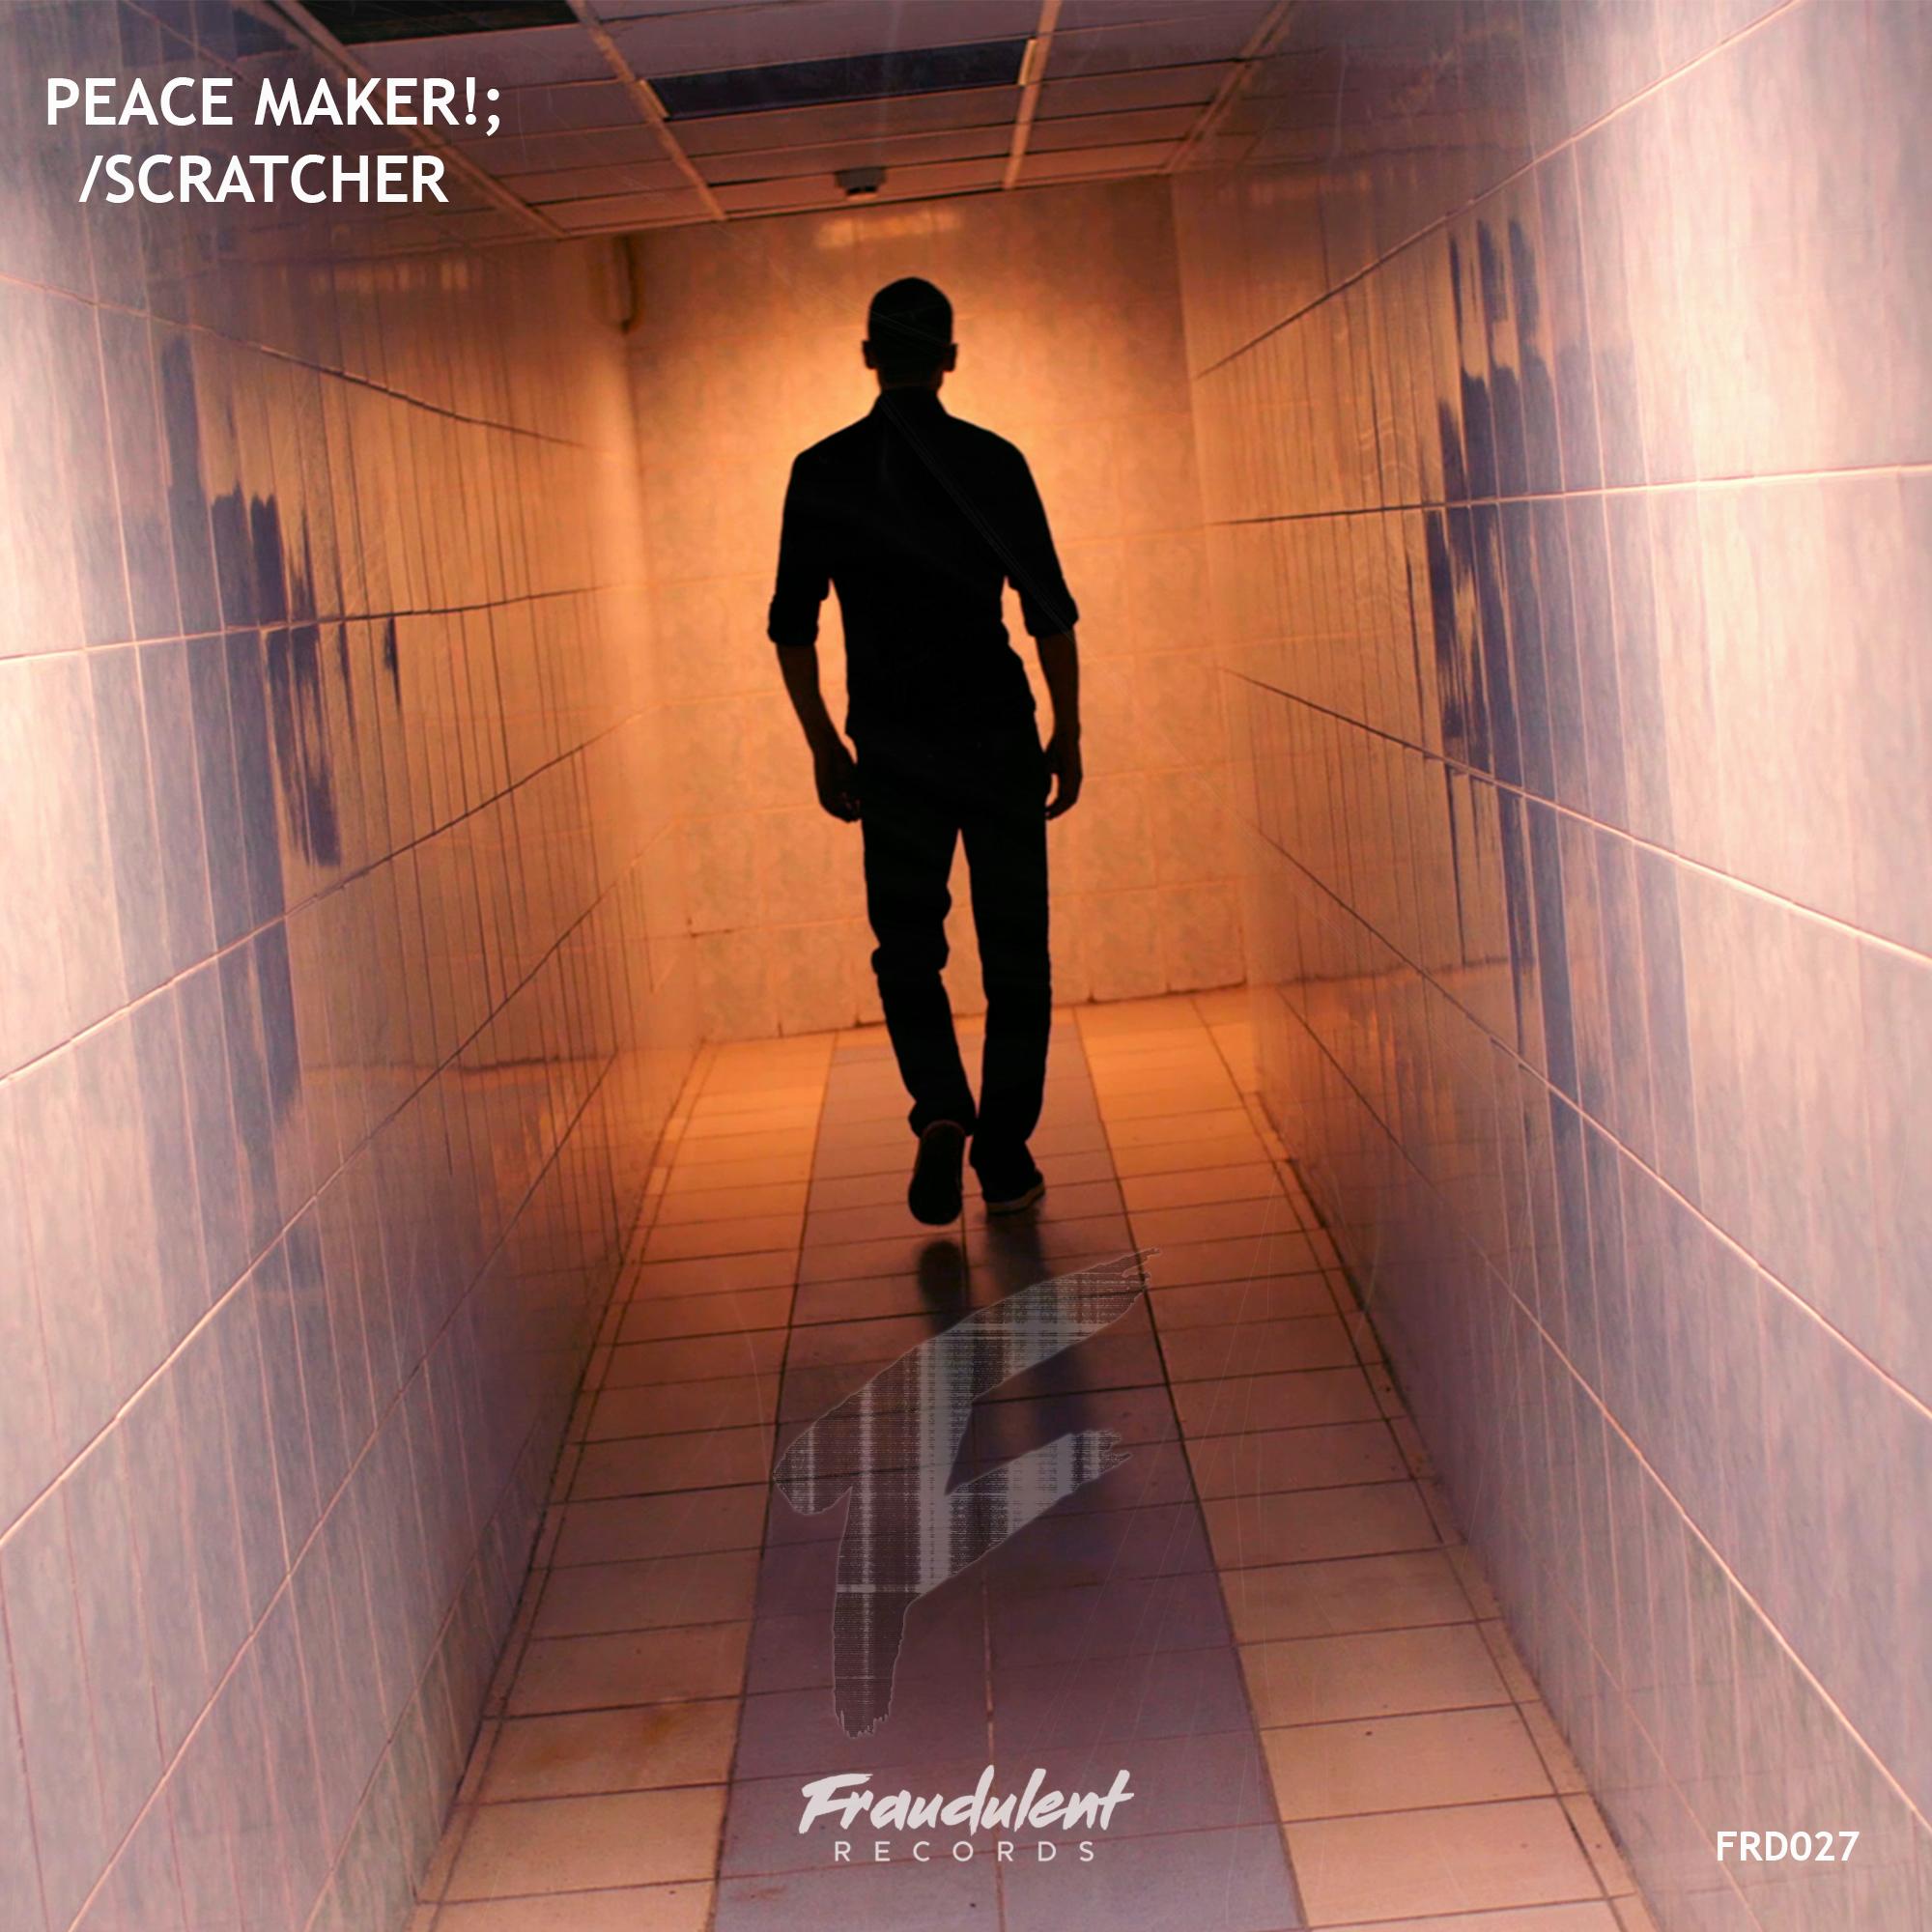 PEACE MAKER! - Scratcher (Fraudulent) PEACE MAKER! - Scratcher cover